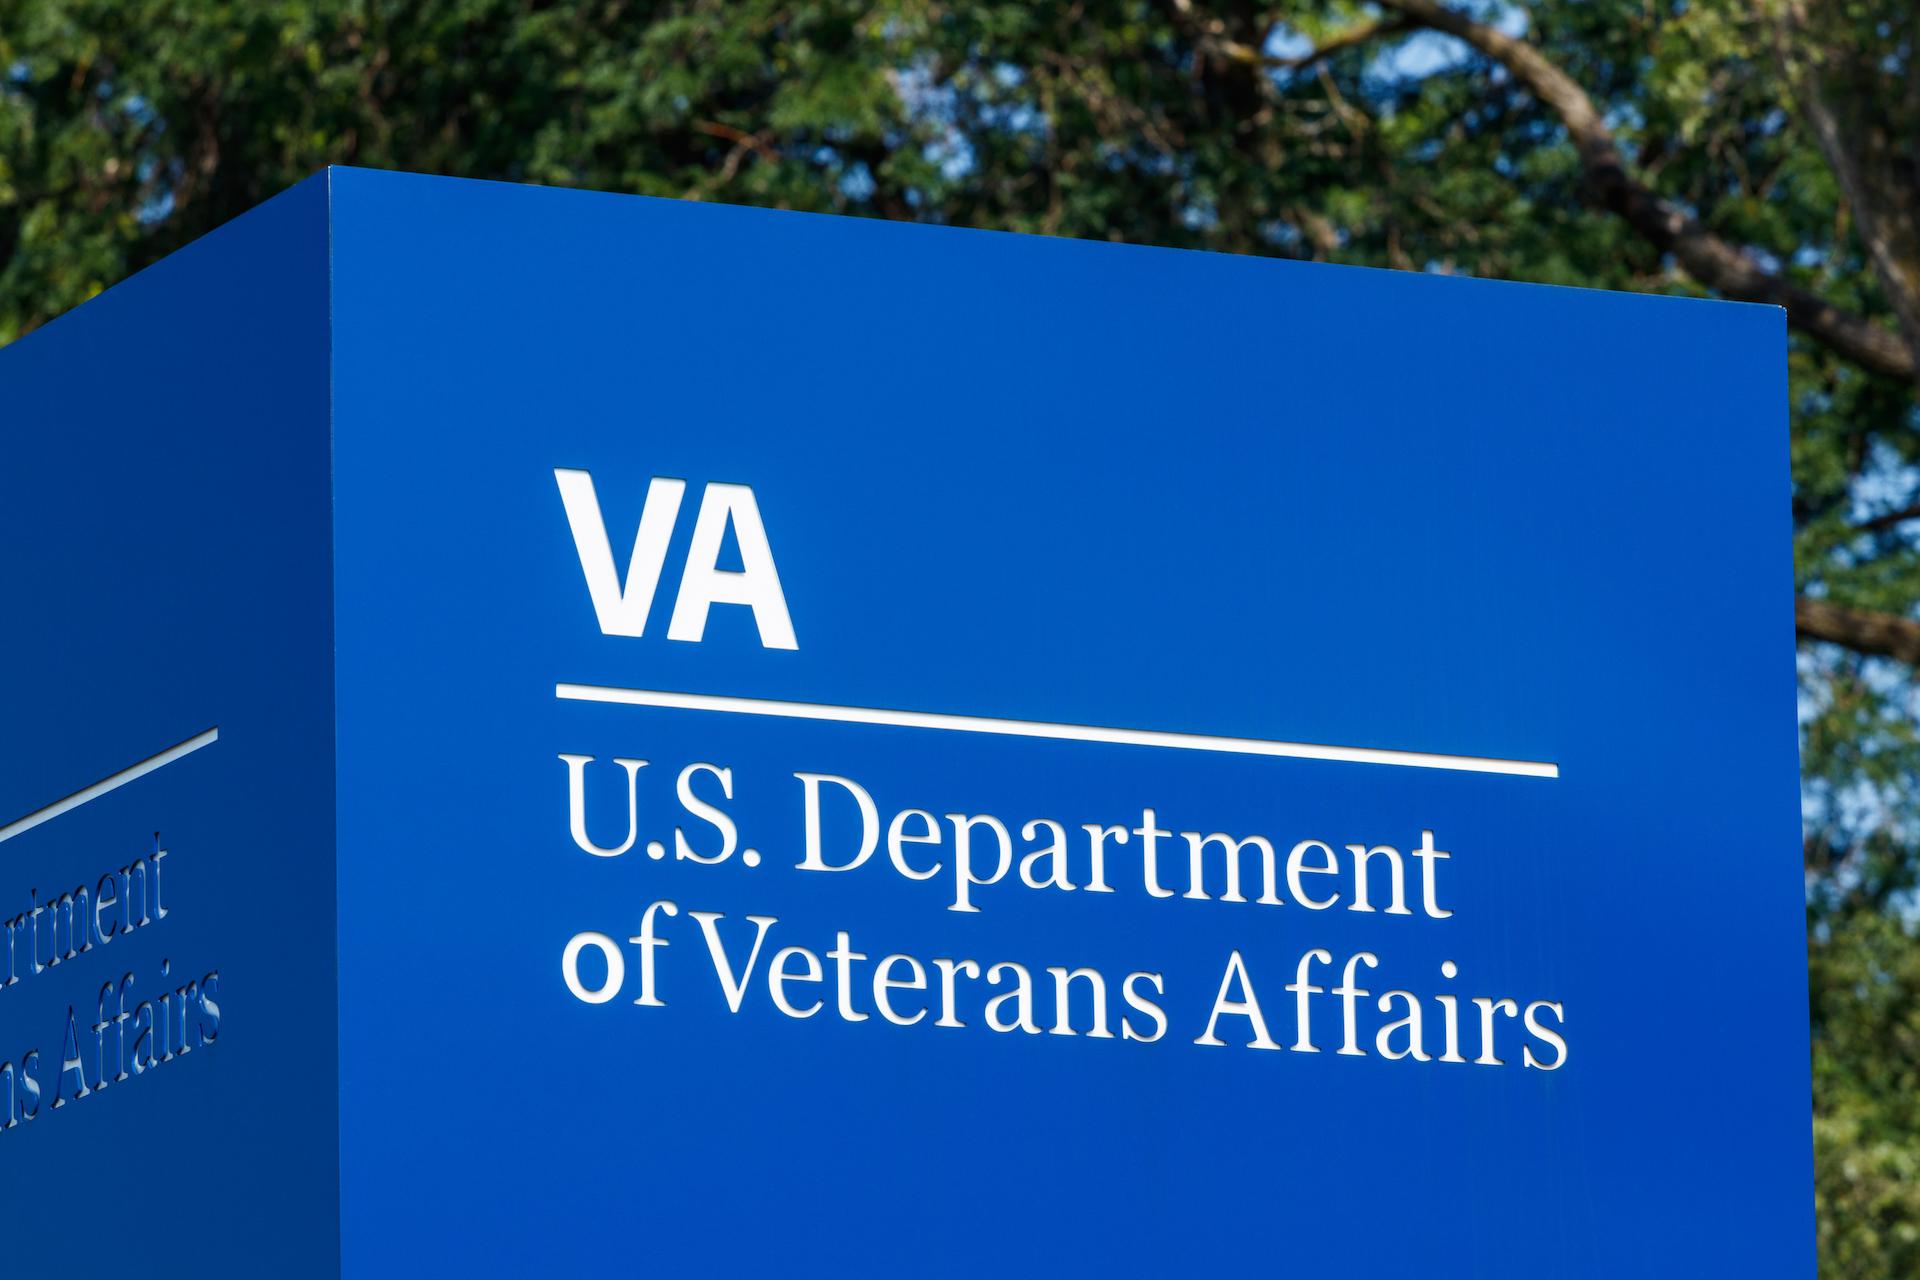 VA delays EHR launch date for more training